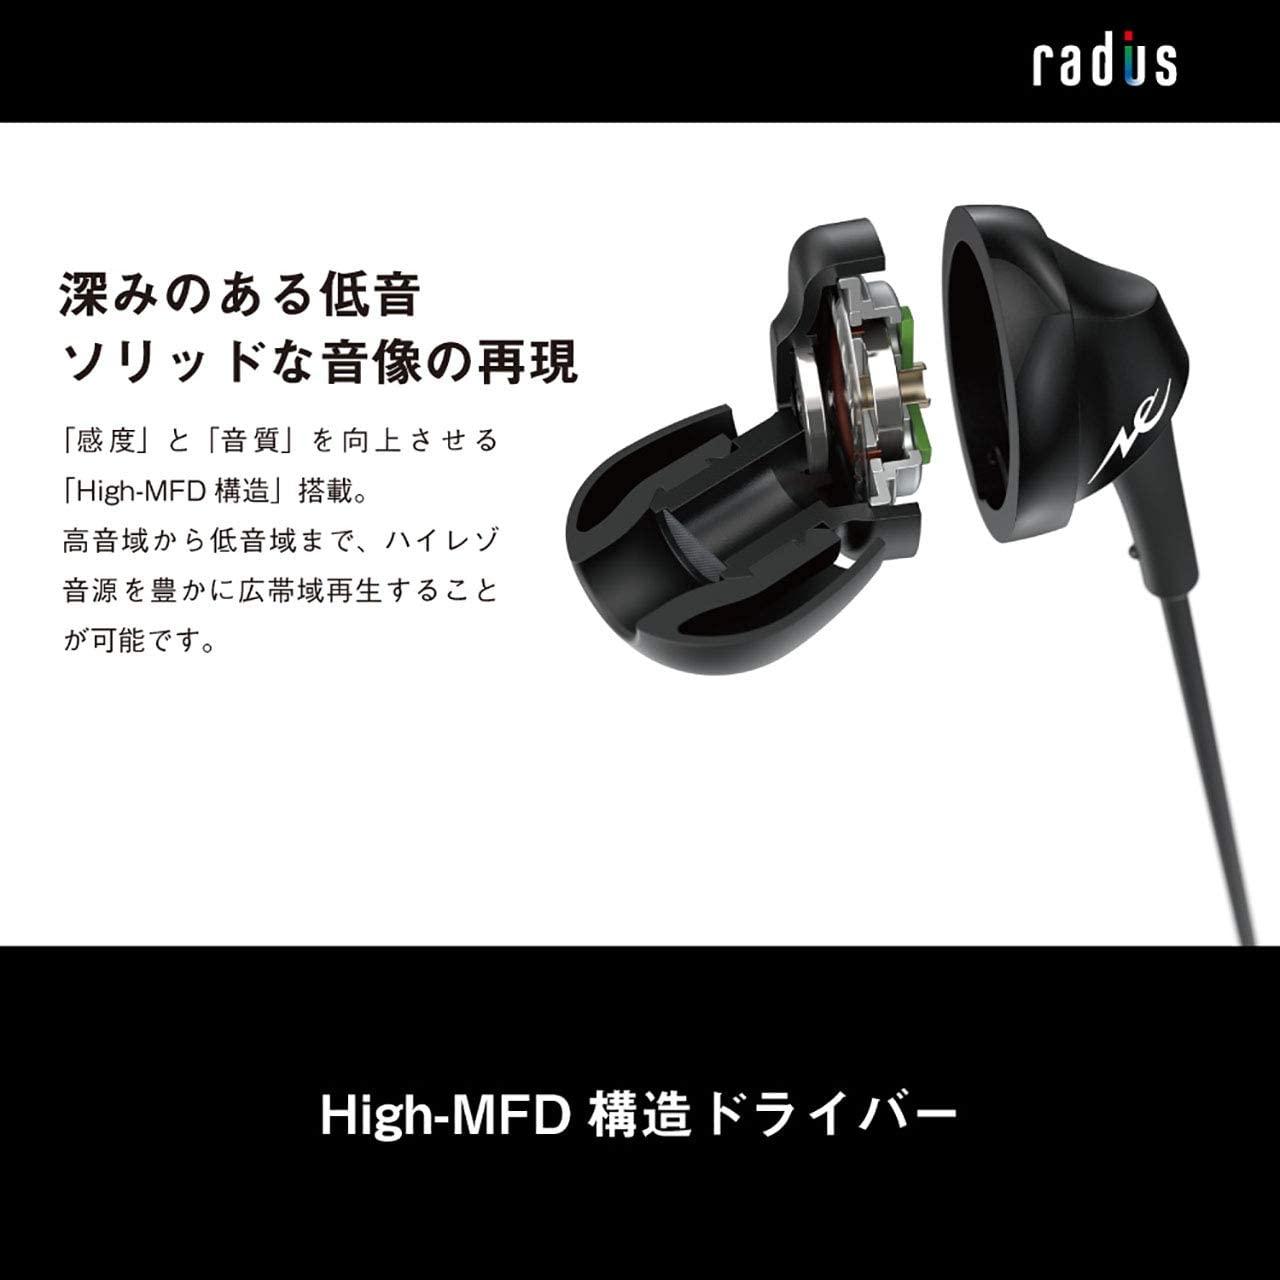 HP-NEF31 ピュアスタンダードシリーズイヤホン ハイモデル